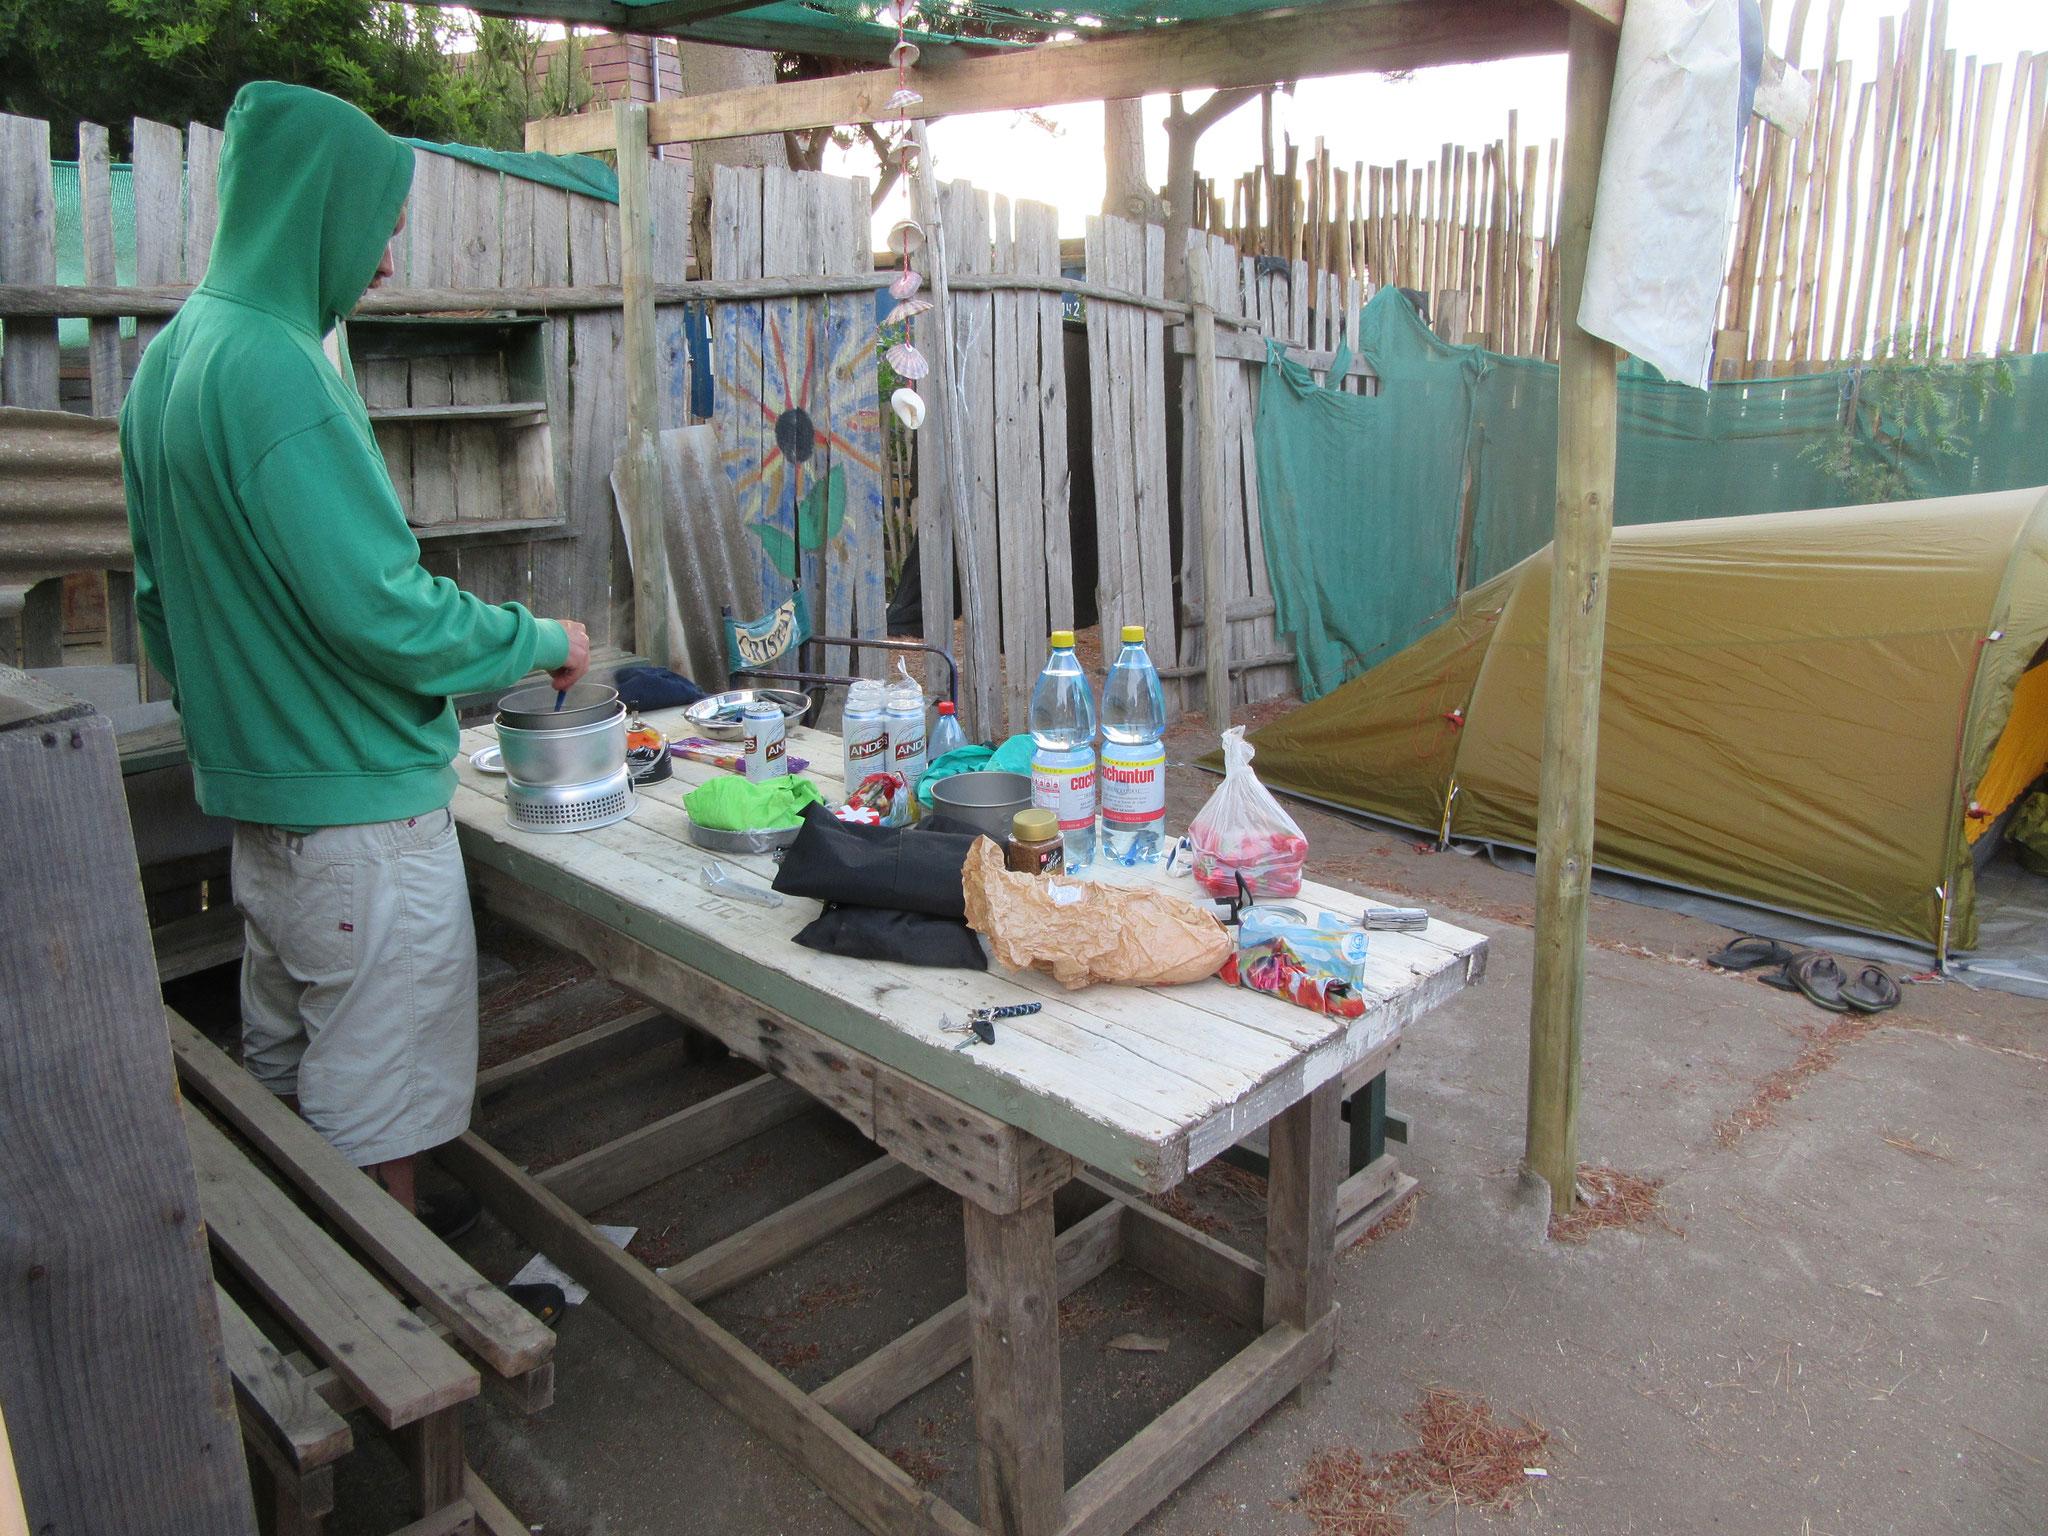 Camping in Pichilemu